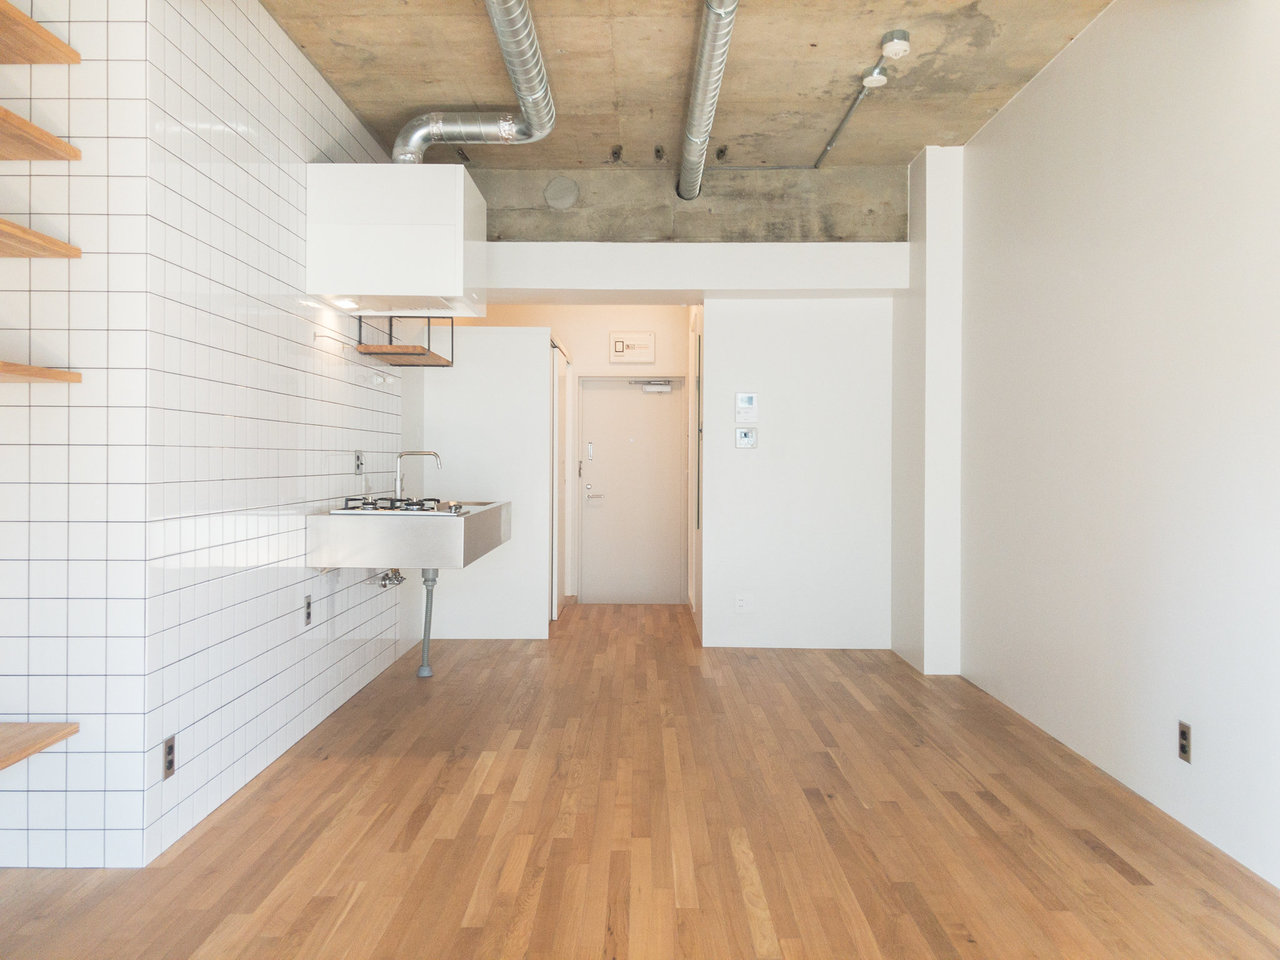 こちらも無垢床。さらさらとした質感と、天井のむき出しのコンクリートが意外と合ってるから不思議。広々とした、リノベーションデザイナーズ!